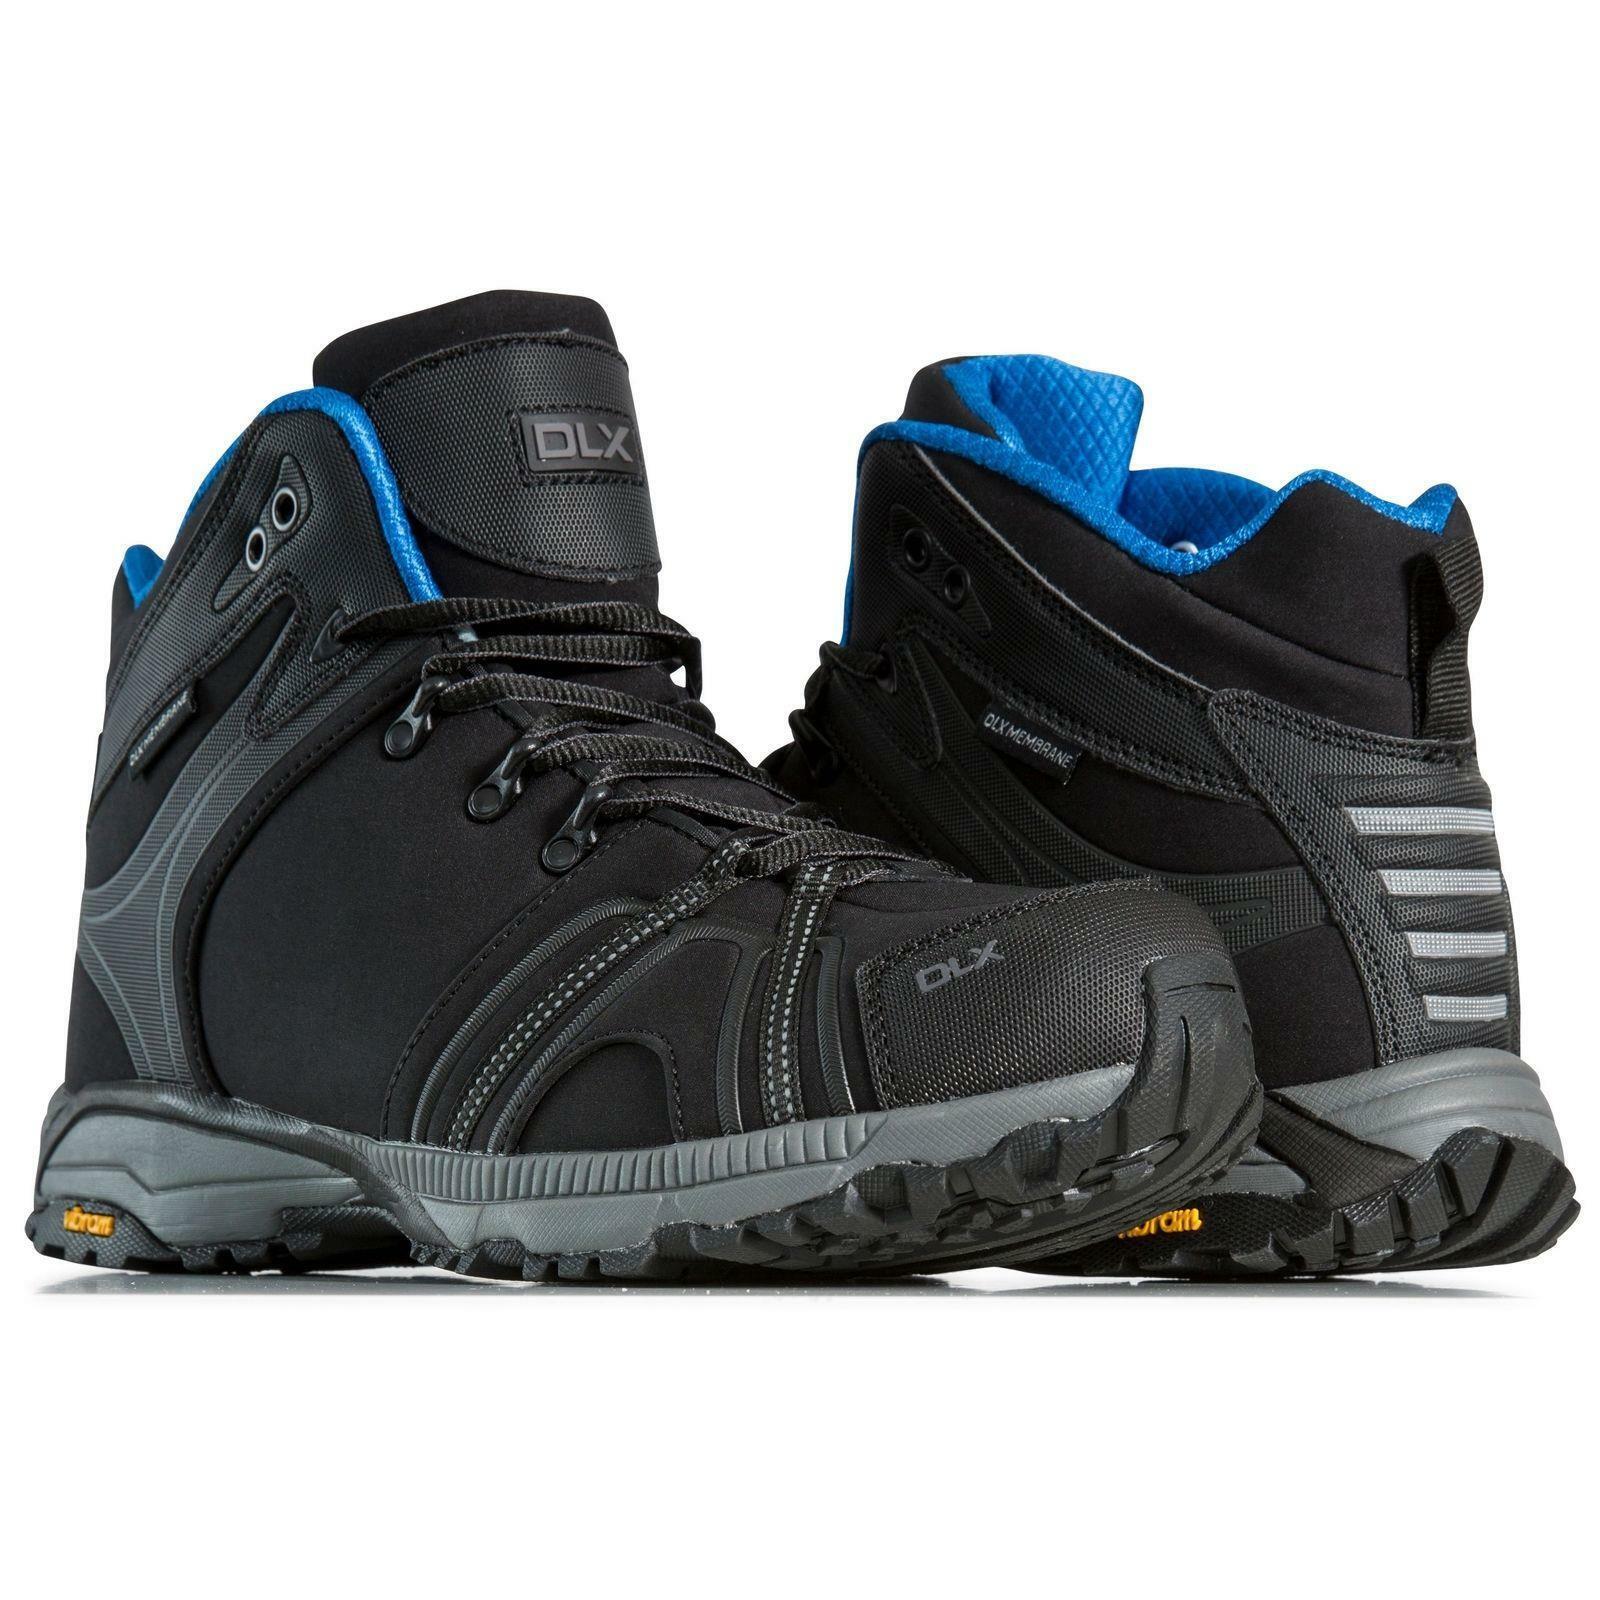 Trespass Para Hombres 'rítmico DLX' Softshell Impermeable Correr Deportes triners Zapatos